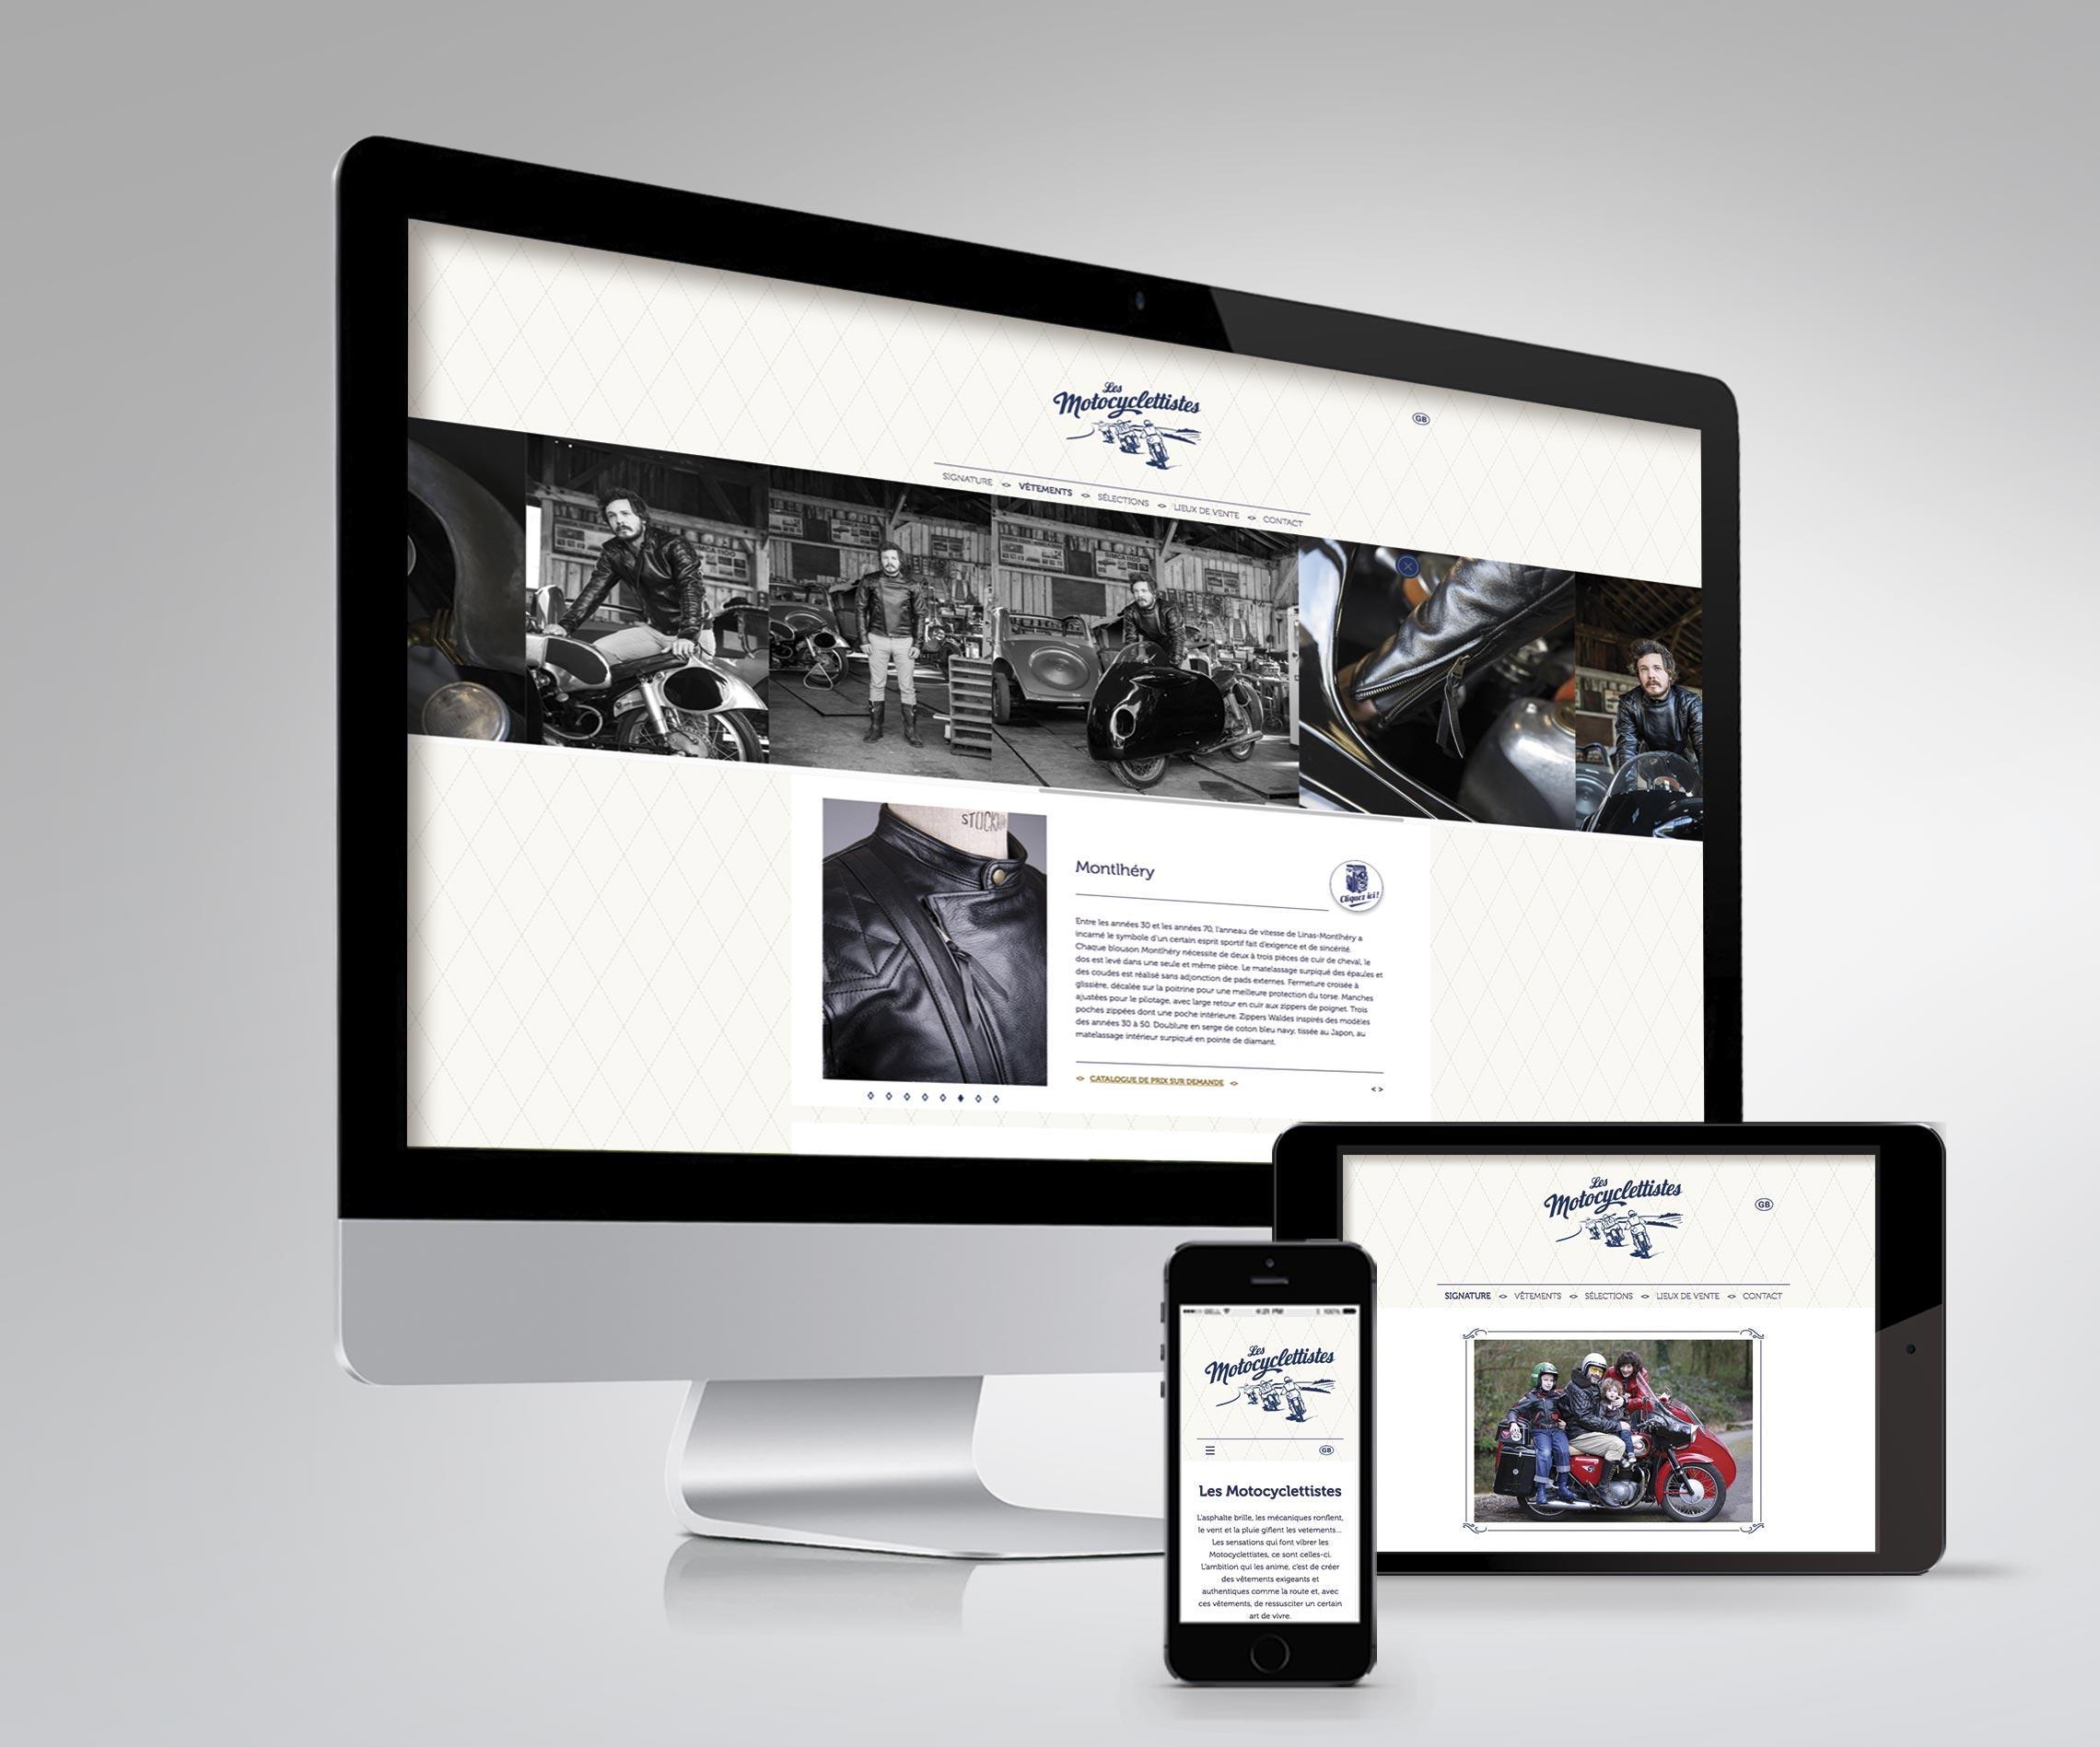 Site internet Les Motocyclettistes créé par Maindor sur les différents supports